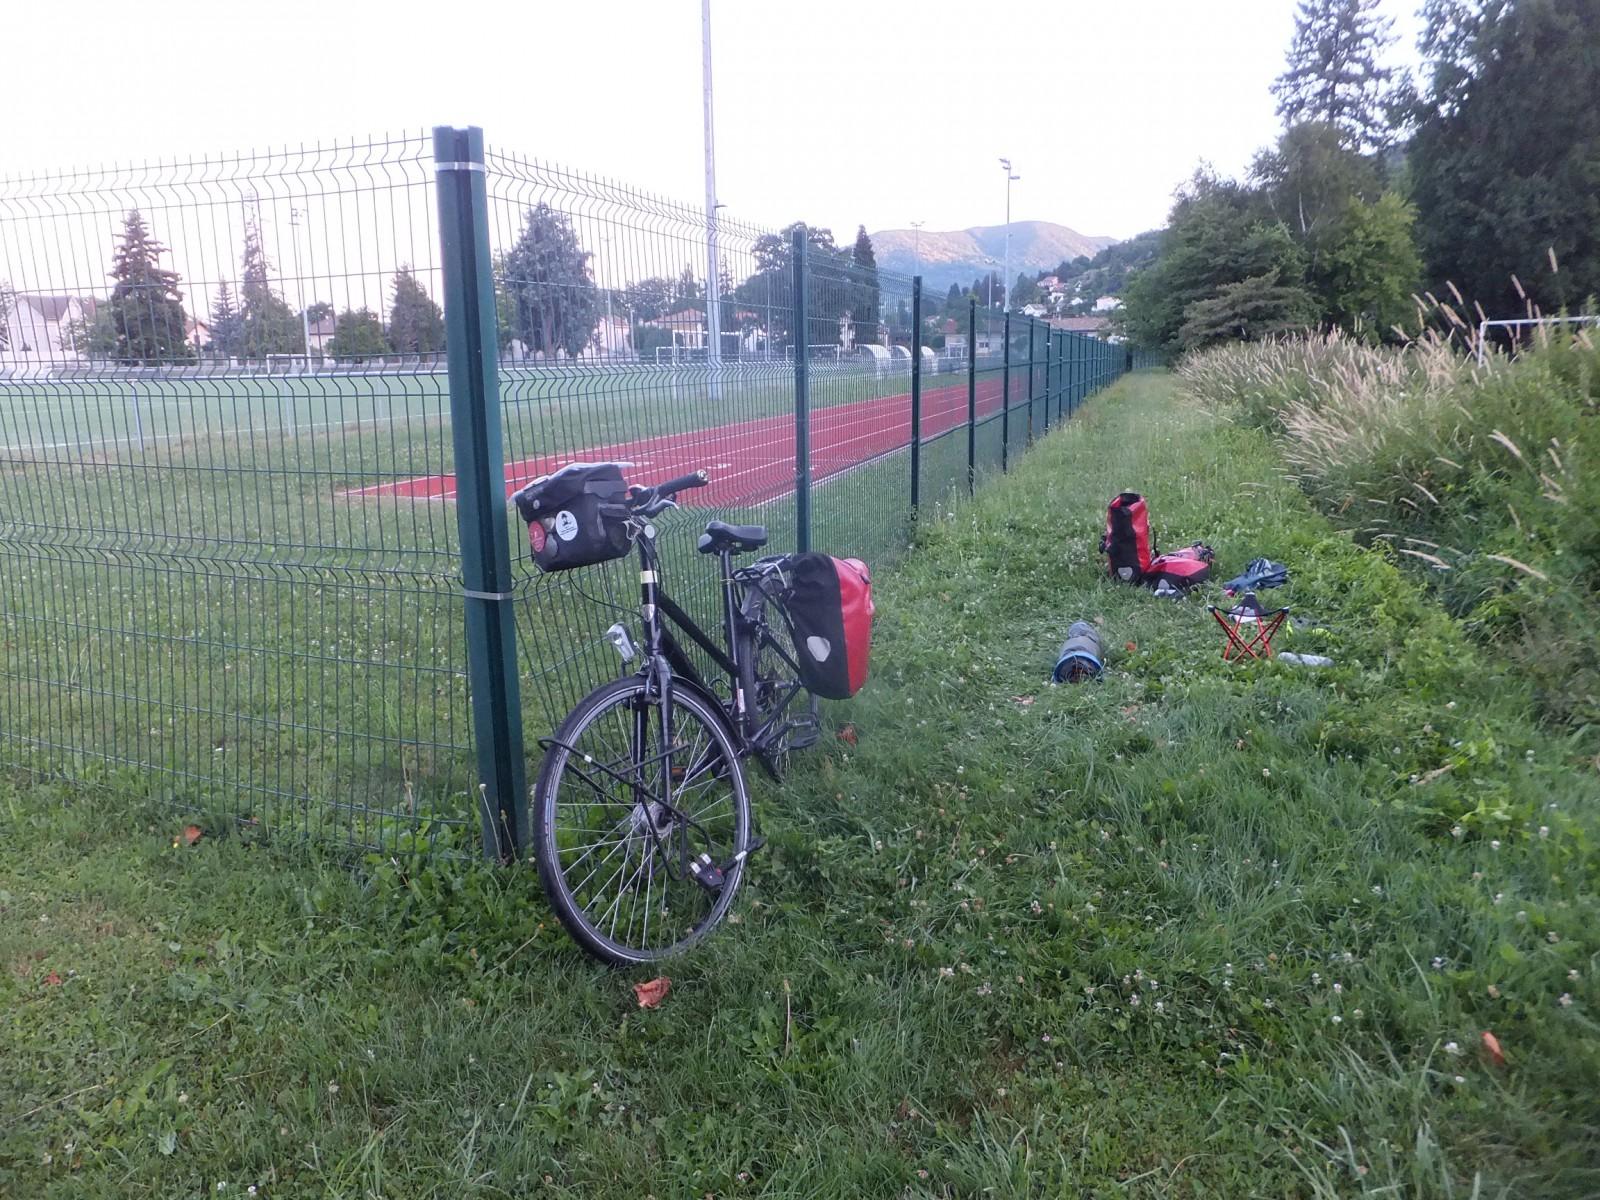 De slaapplaats naast het voetbalveld. De tent is ingepakt en de tassen moeten nog op de fiets.